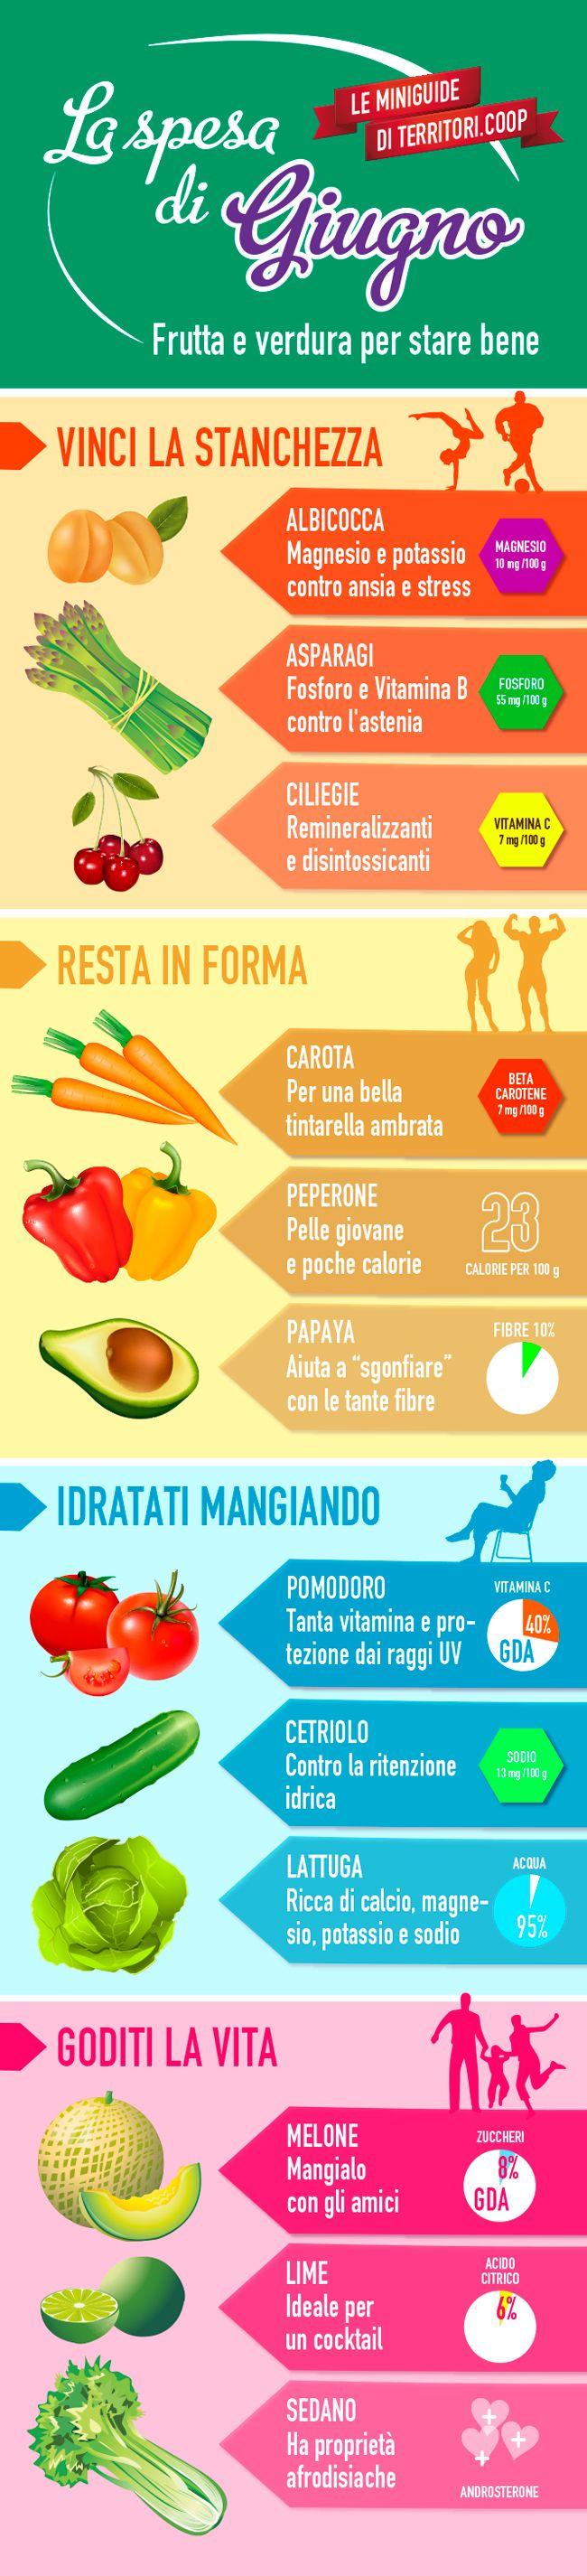 La spesa di giugno #territoriCoop #frutta #verdura #stagione